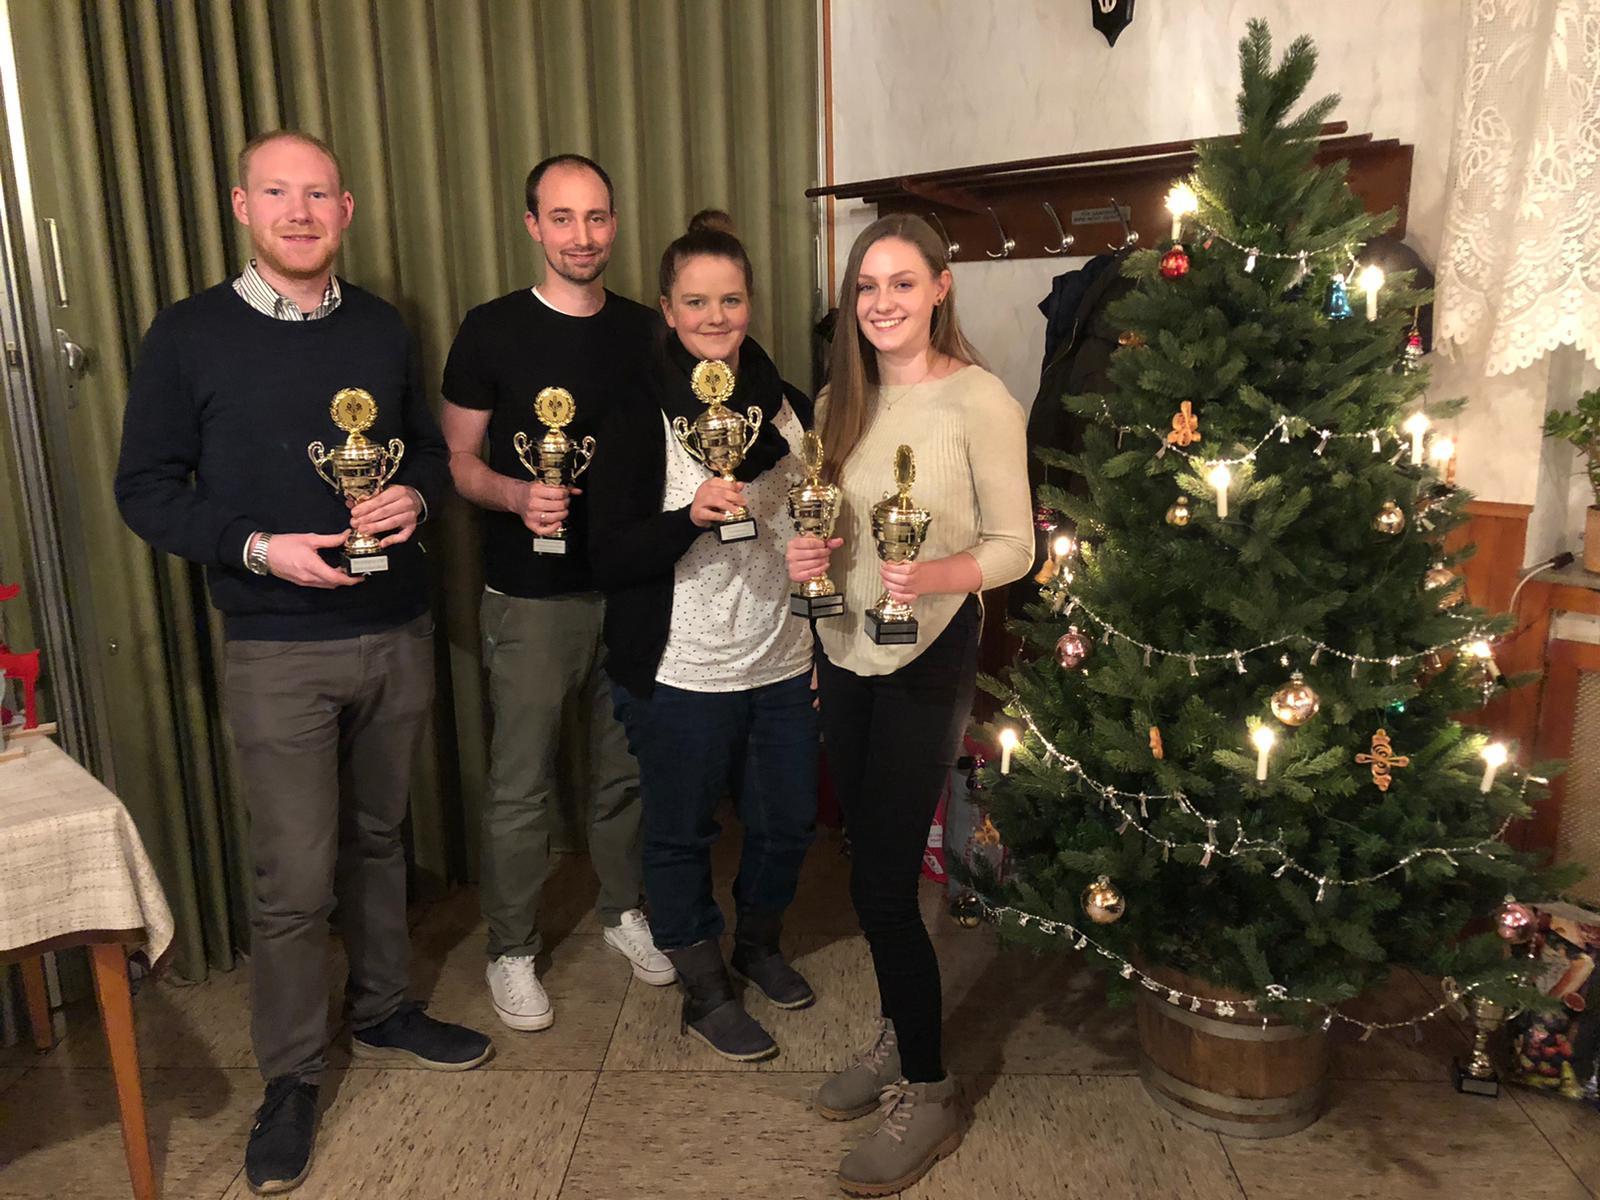 Vorweihnachtsliche Vereinsfeier des Breckerfeld